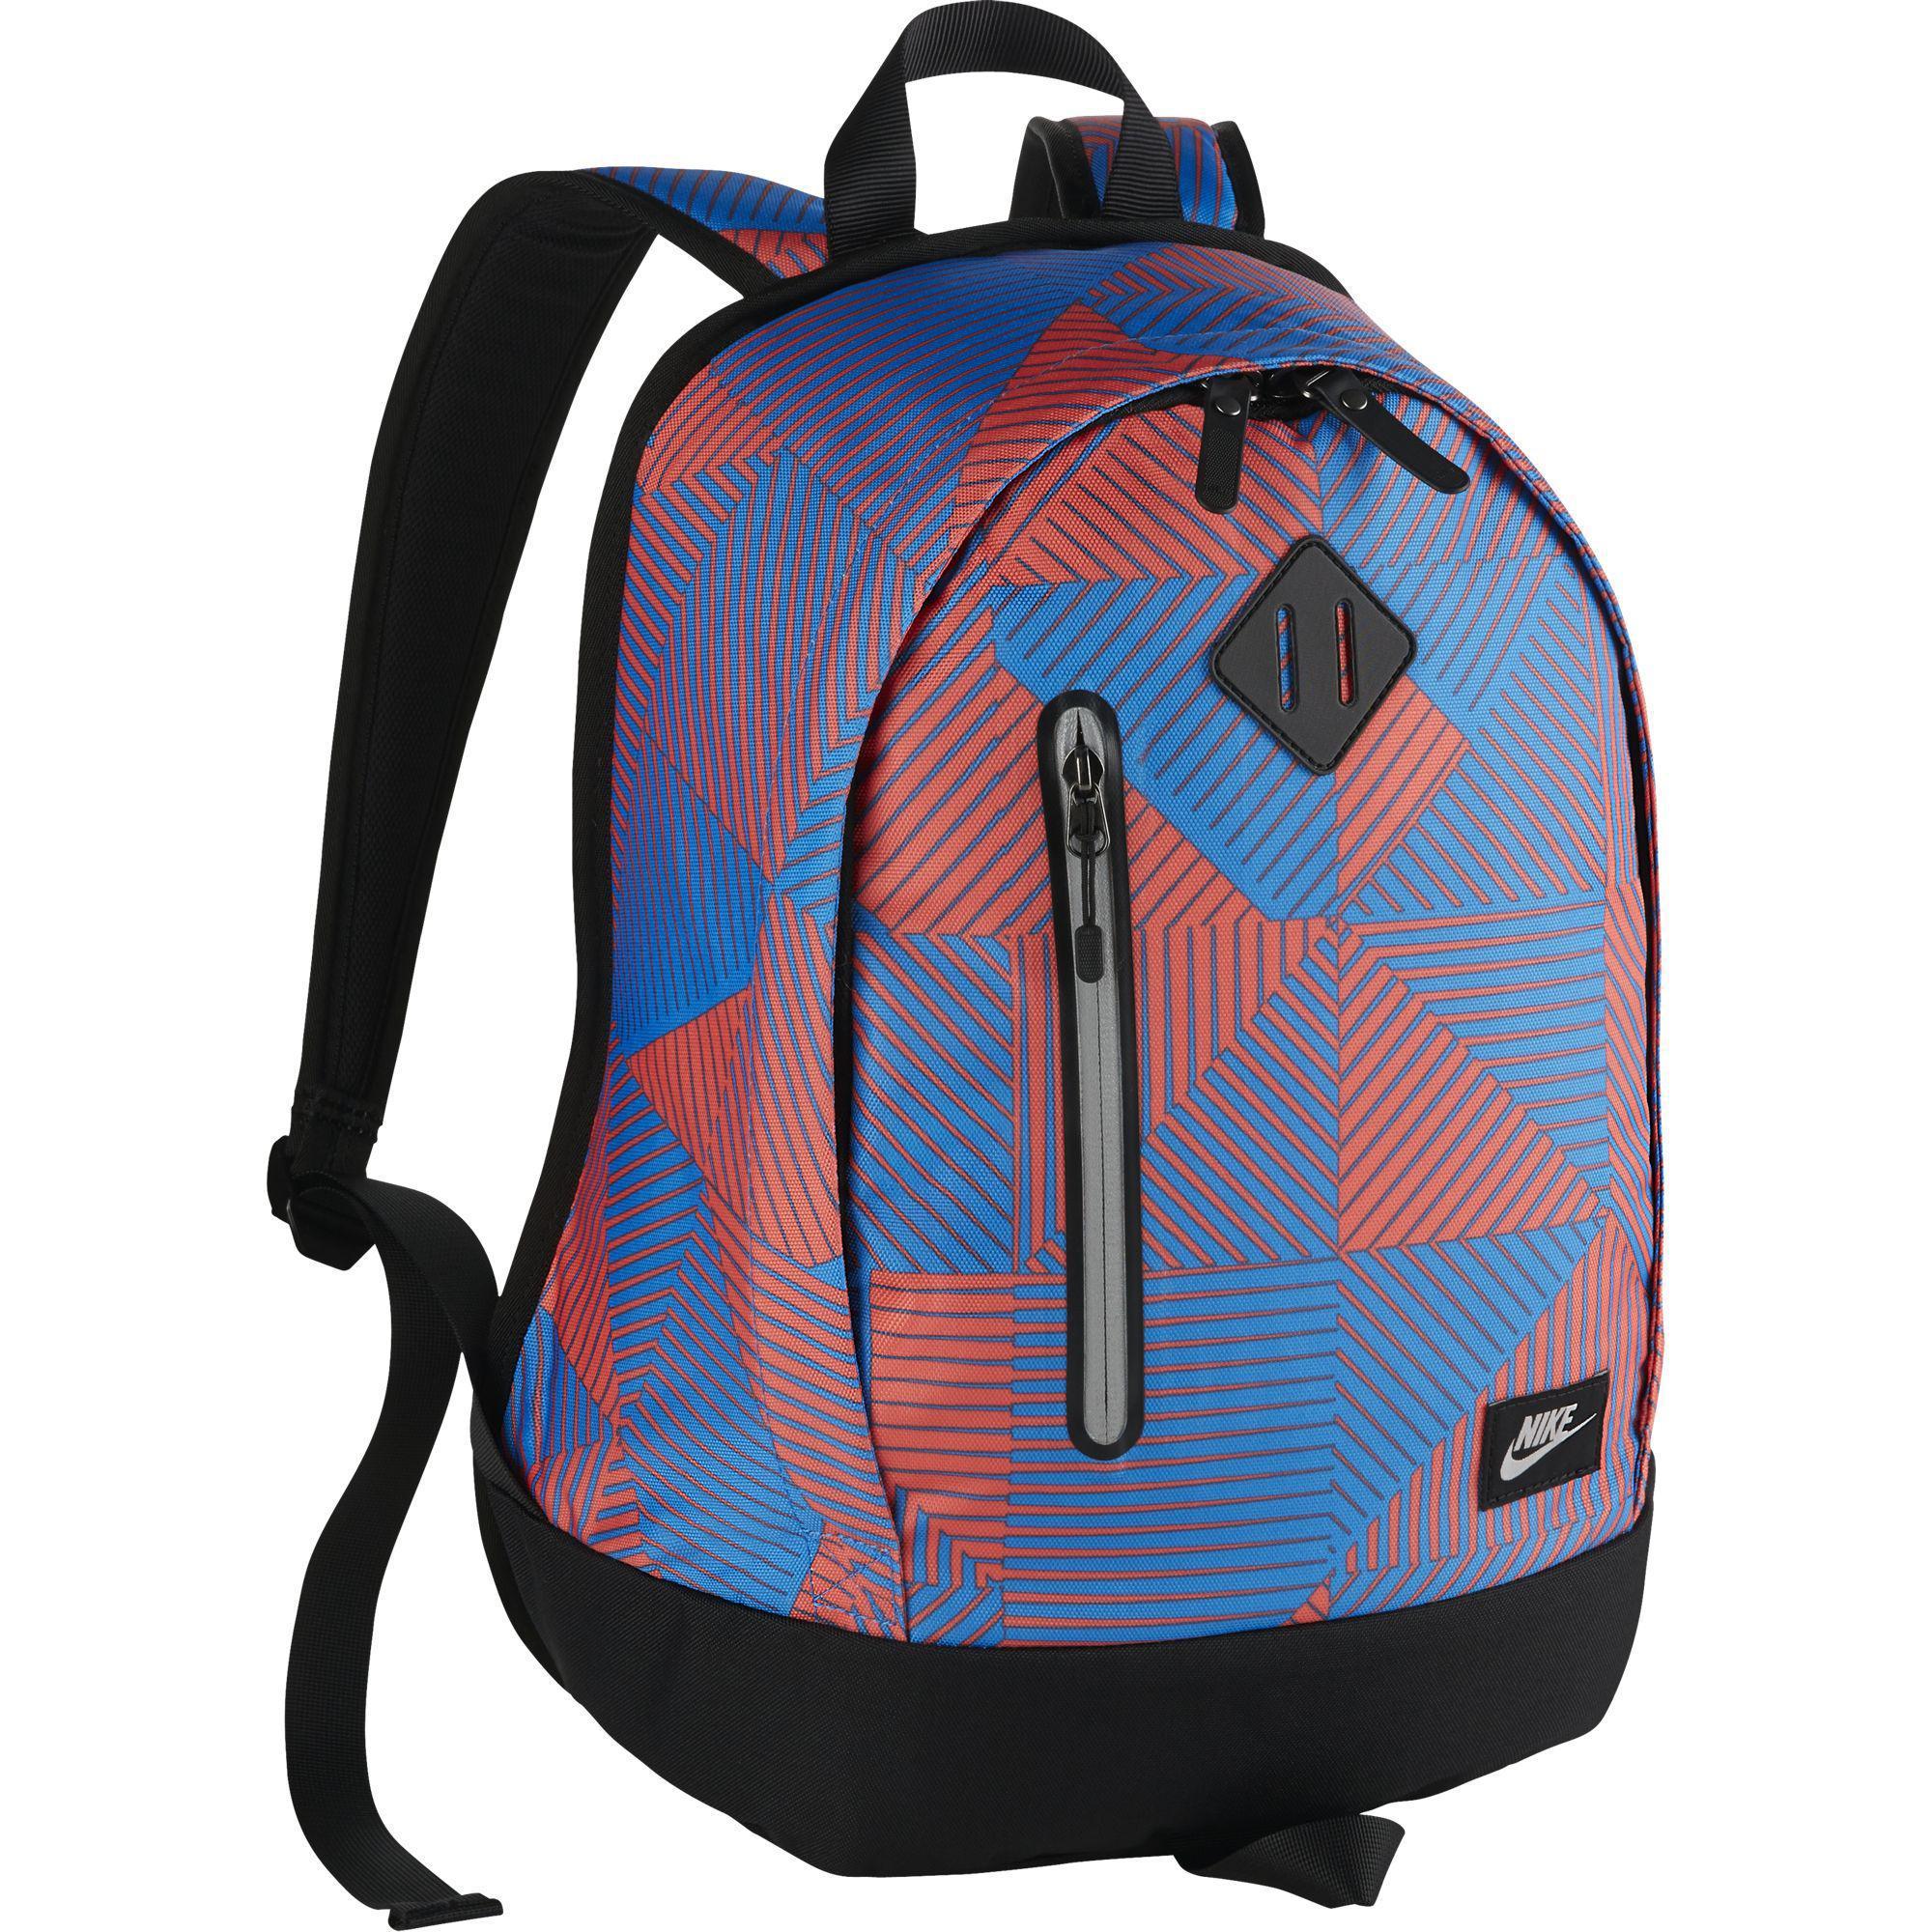 8d81a7e1c5 Nike Kids Cheyenne Backpack - Photo Blue Red - Tennisnuts.com